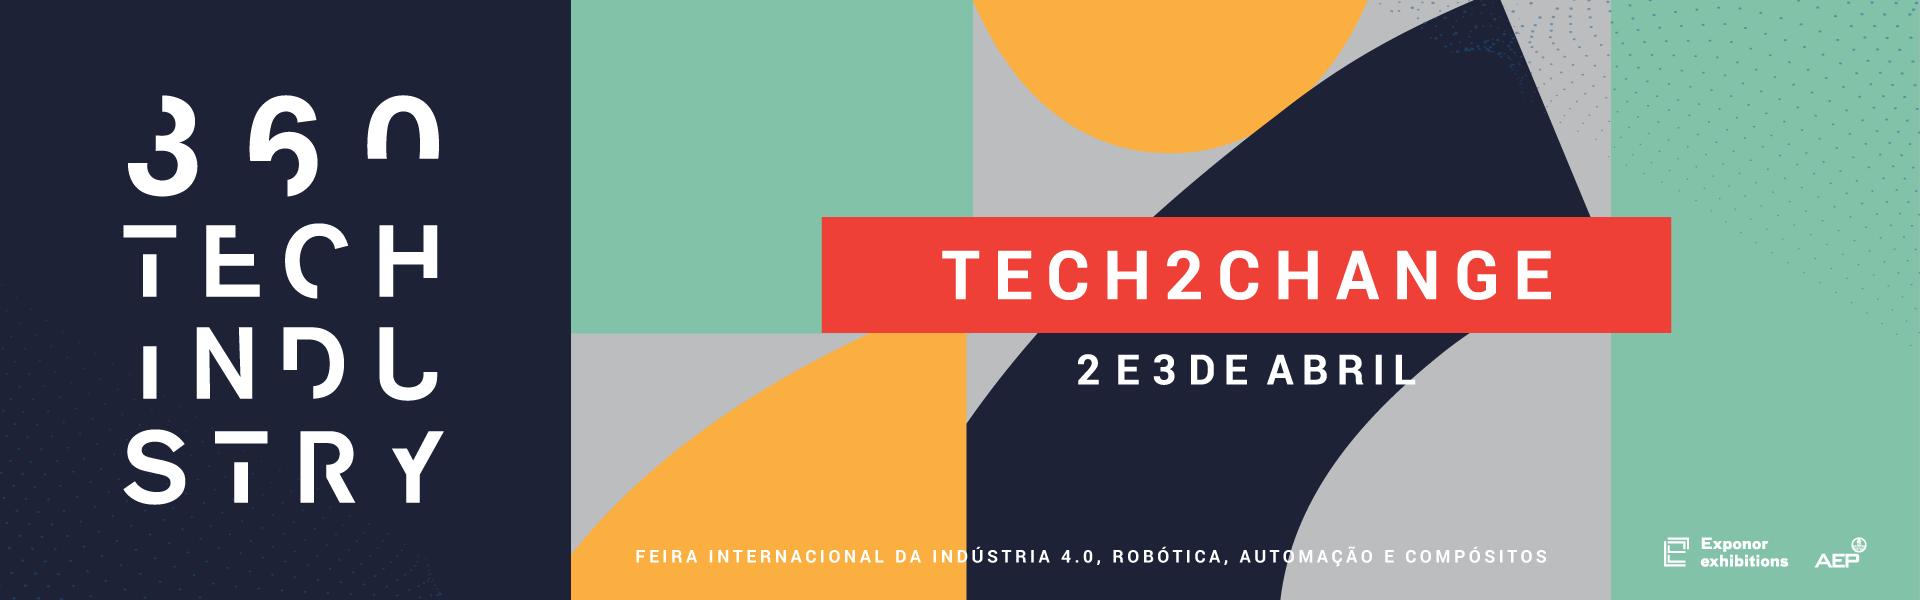 360 Tech Industry - Feira Internacional da Indústria 4.0, Robótica, Automação e Compósitos